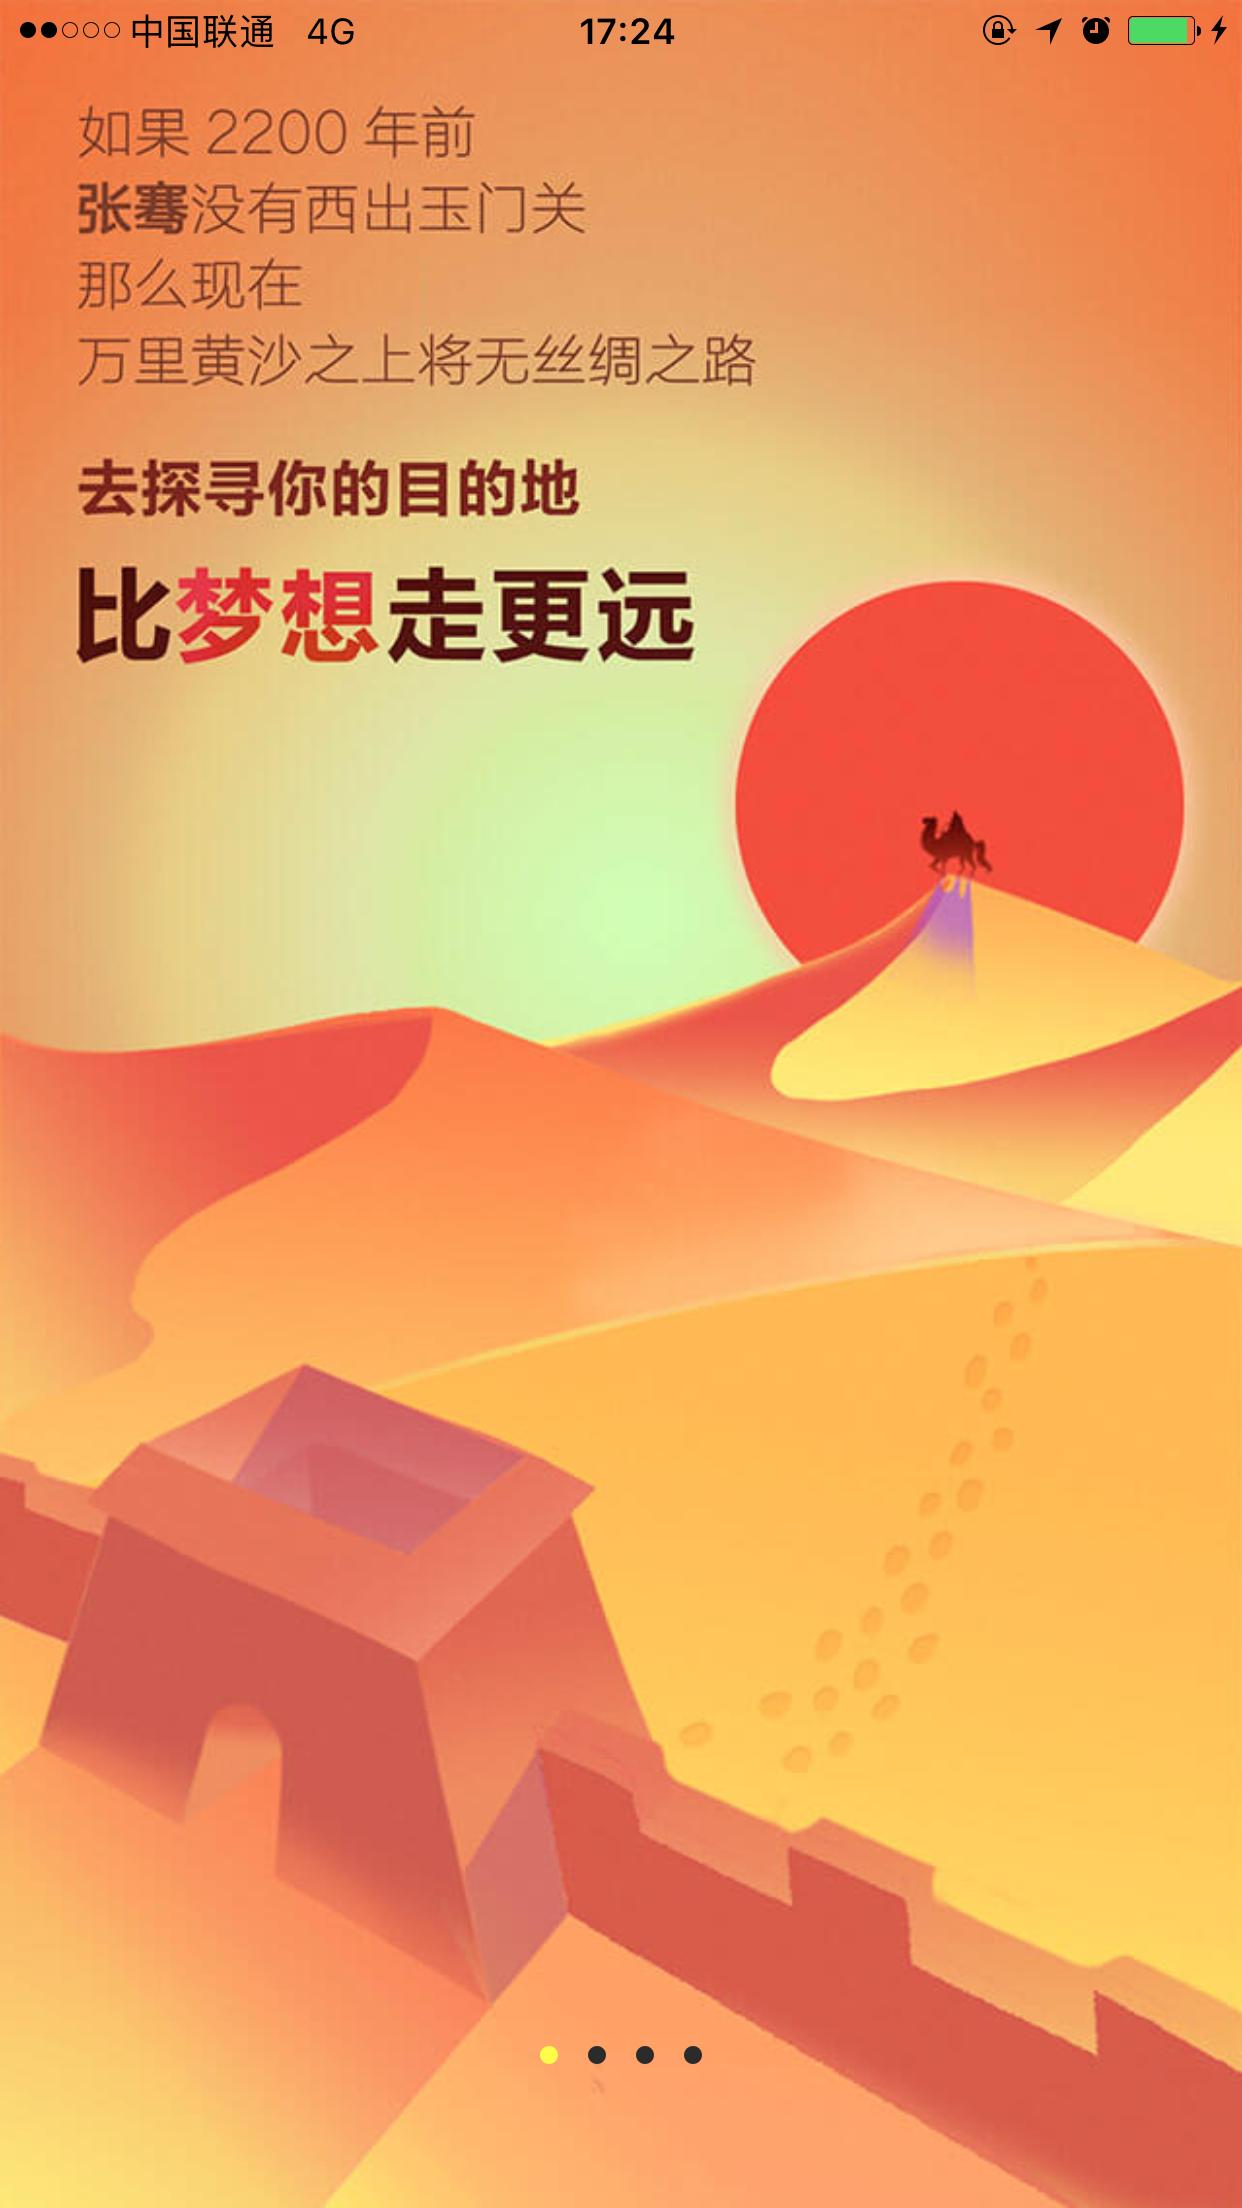 飞猪  新版本特性介绍